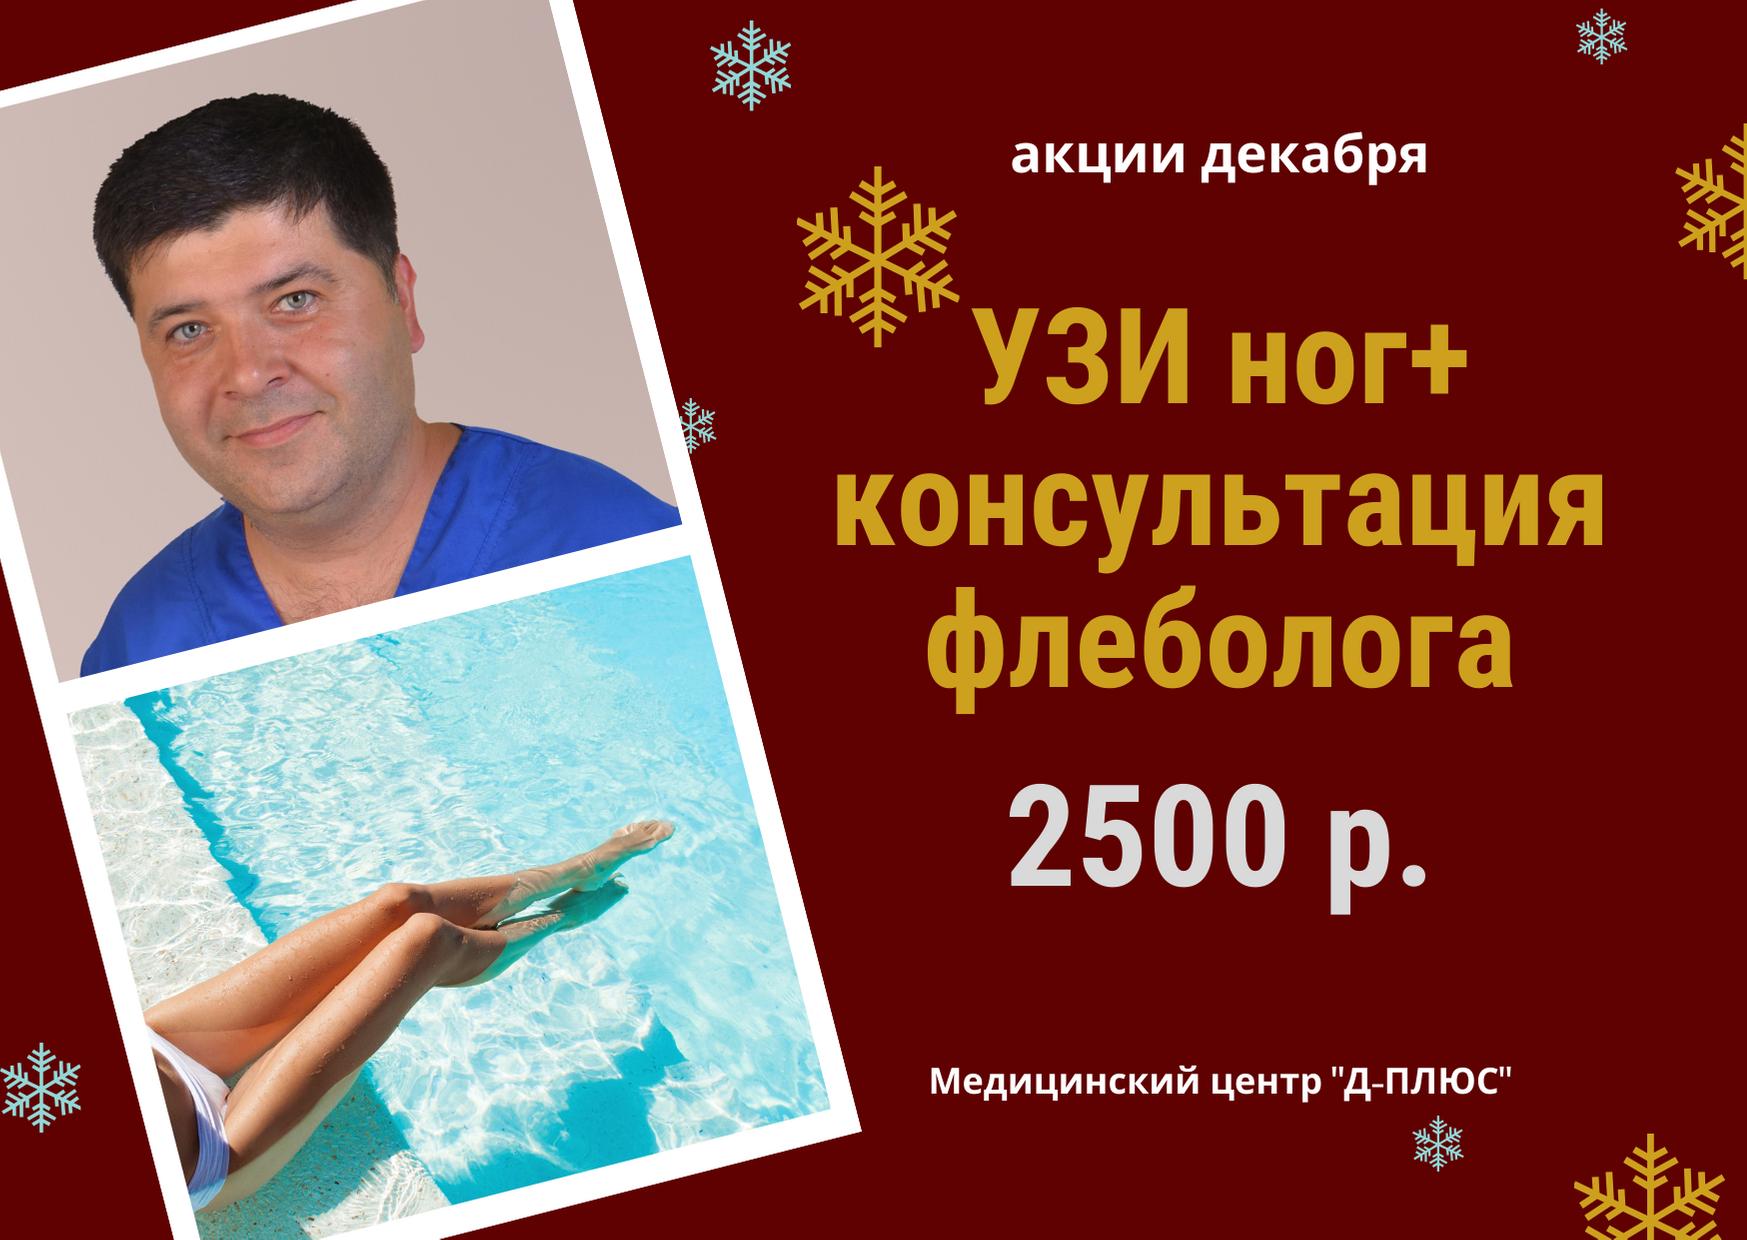 УЗИ ног + консультация флеболога – 2500 руб.